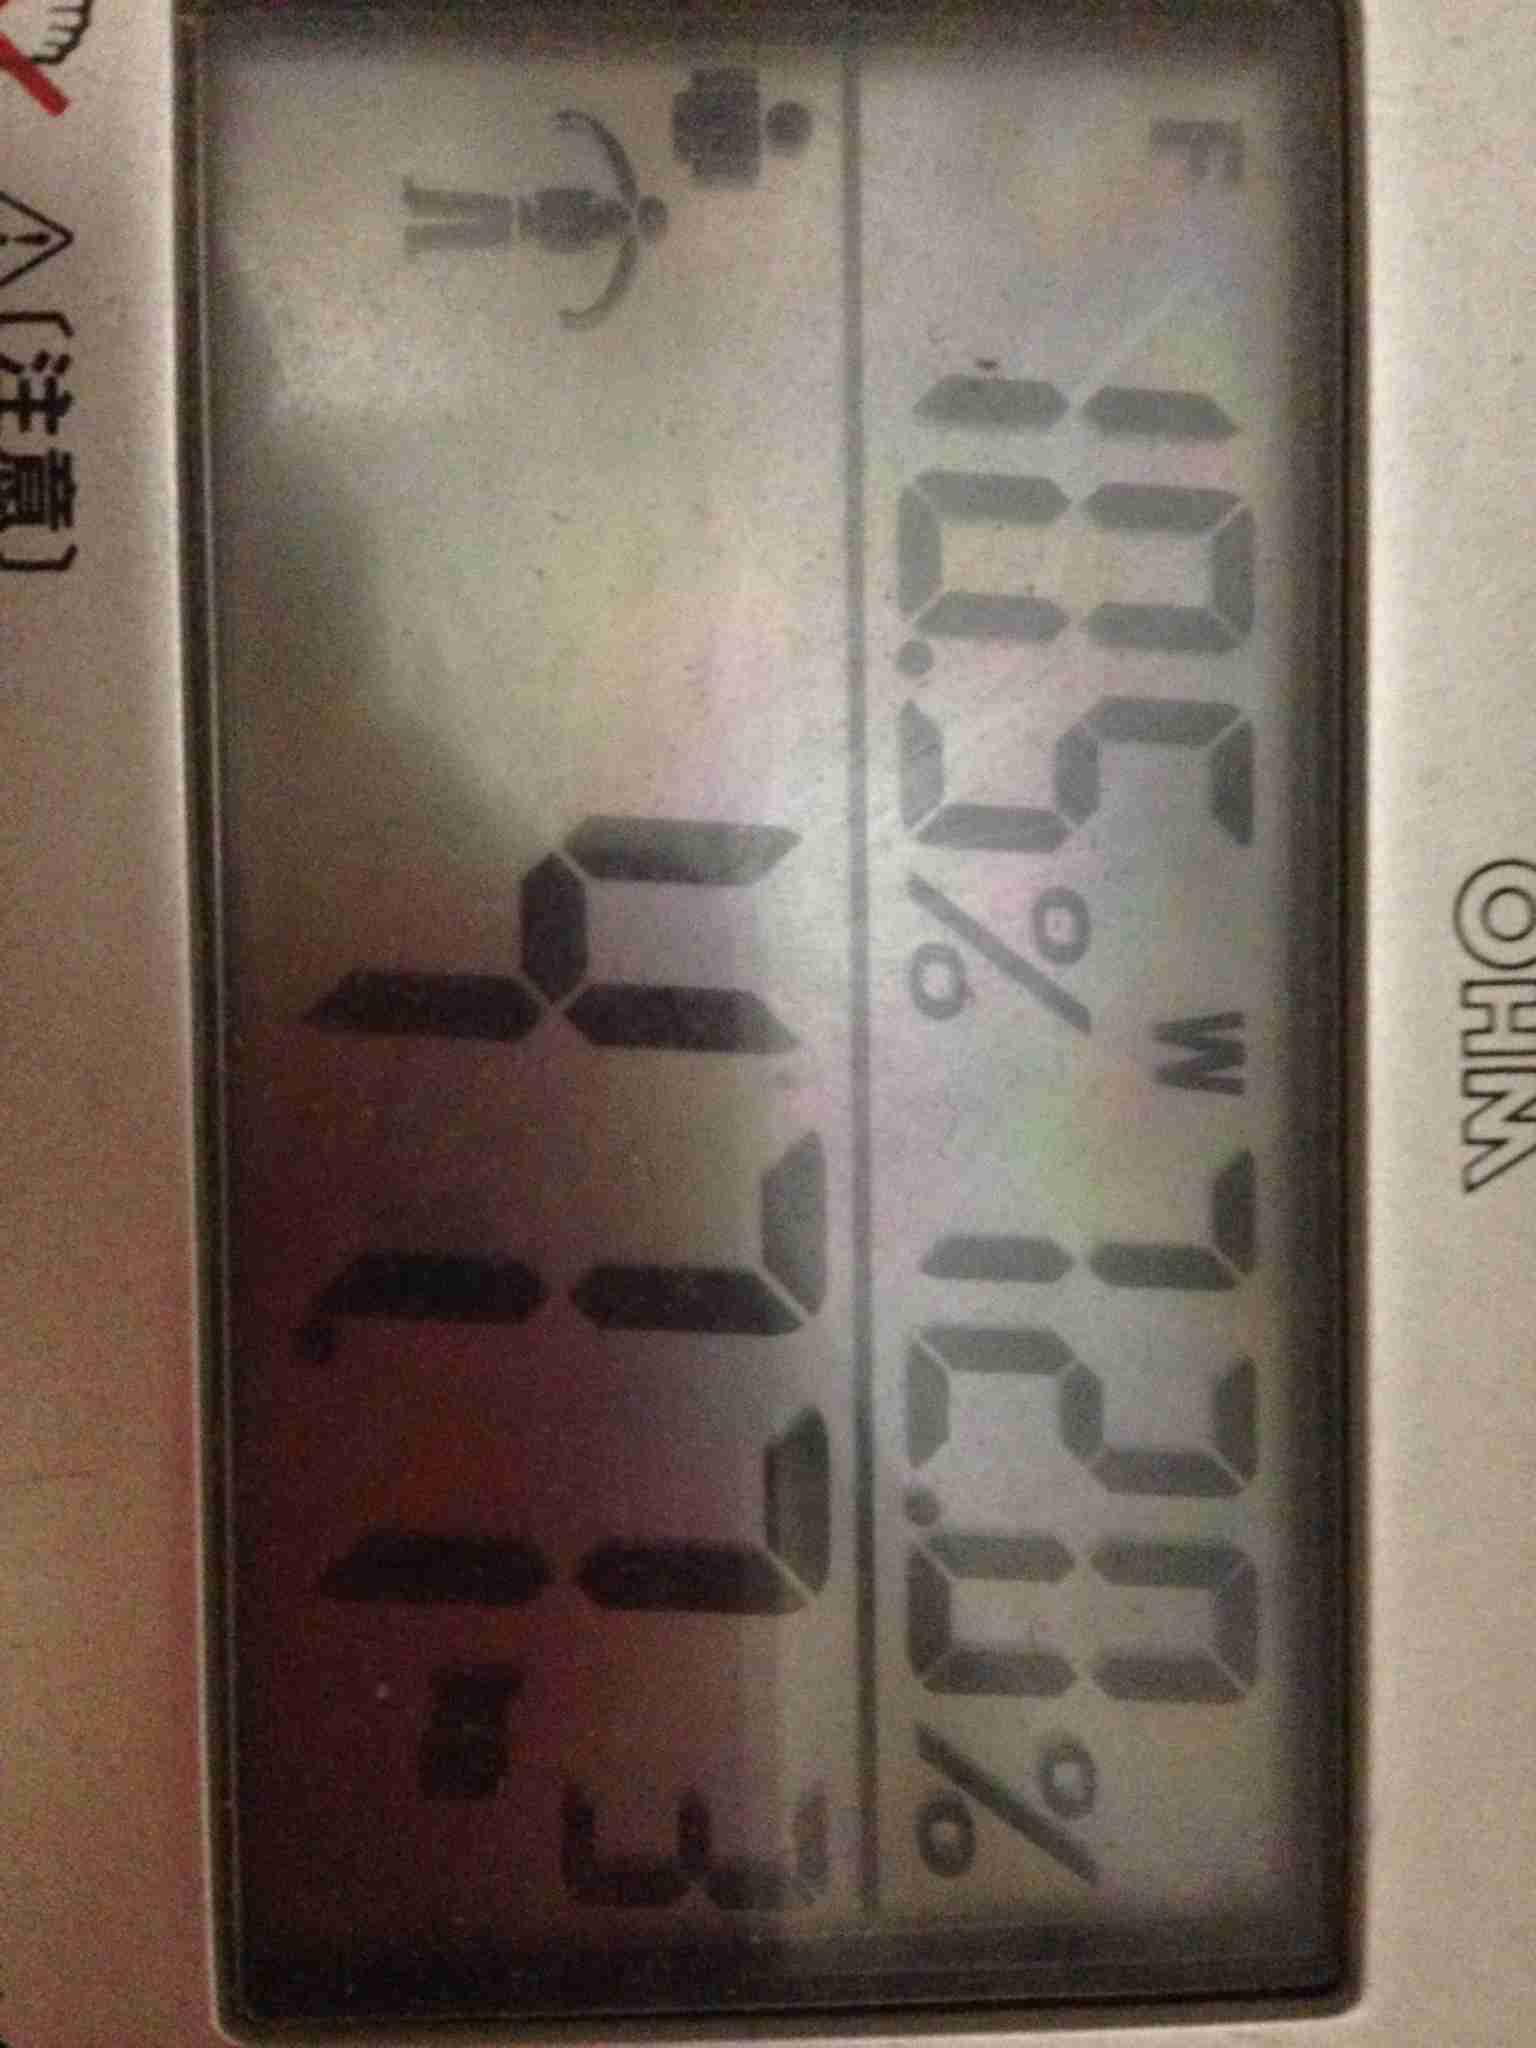 身長 体重 体脂肪 スリーサイズ